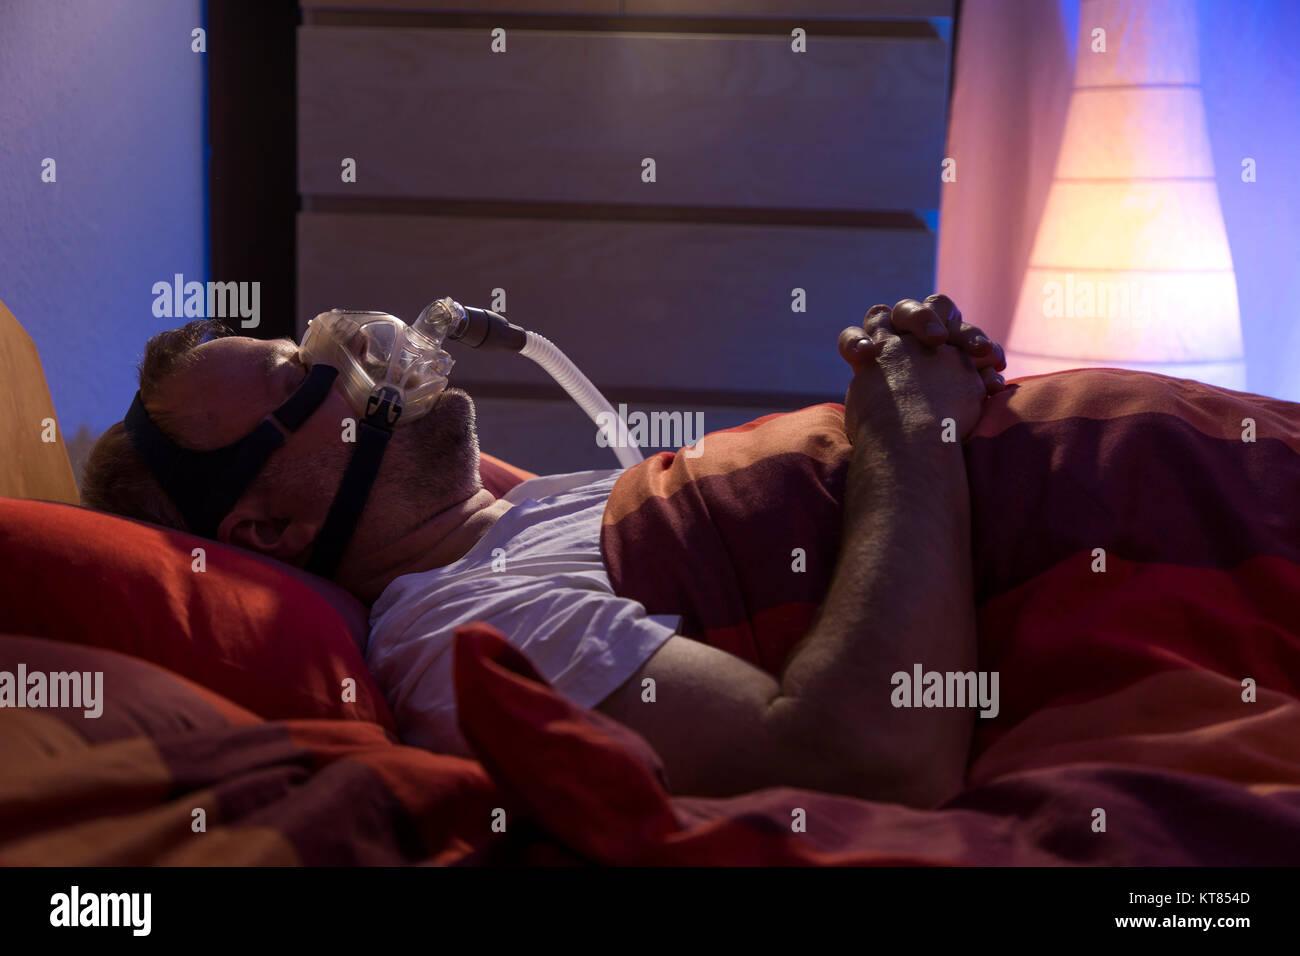 Un uomo con sindrome da apnea nel sonno, indossa una maschera CPAP durante il sonno, una maschera per la respirazione Immagini Stock